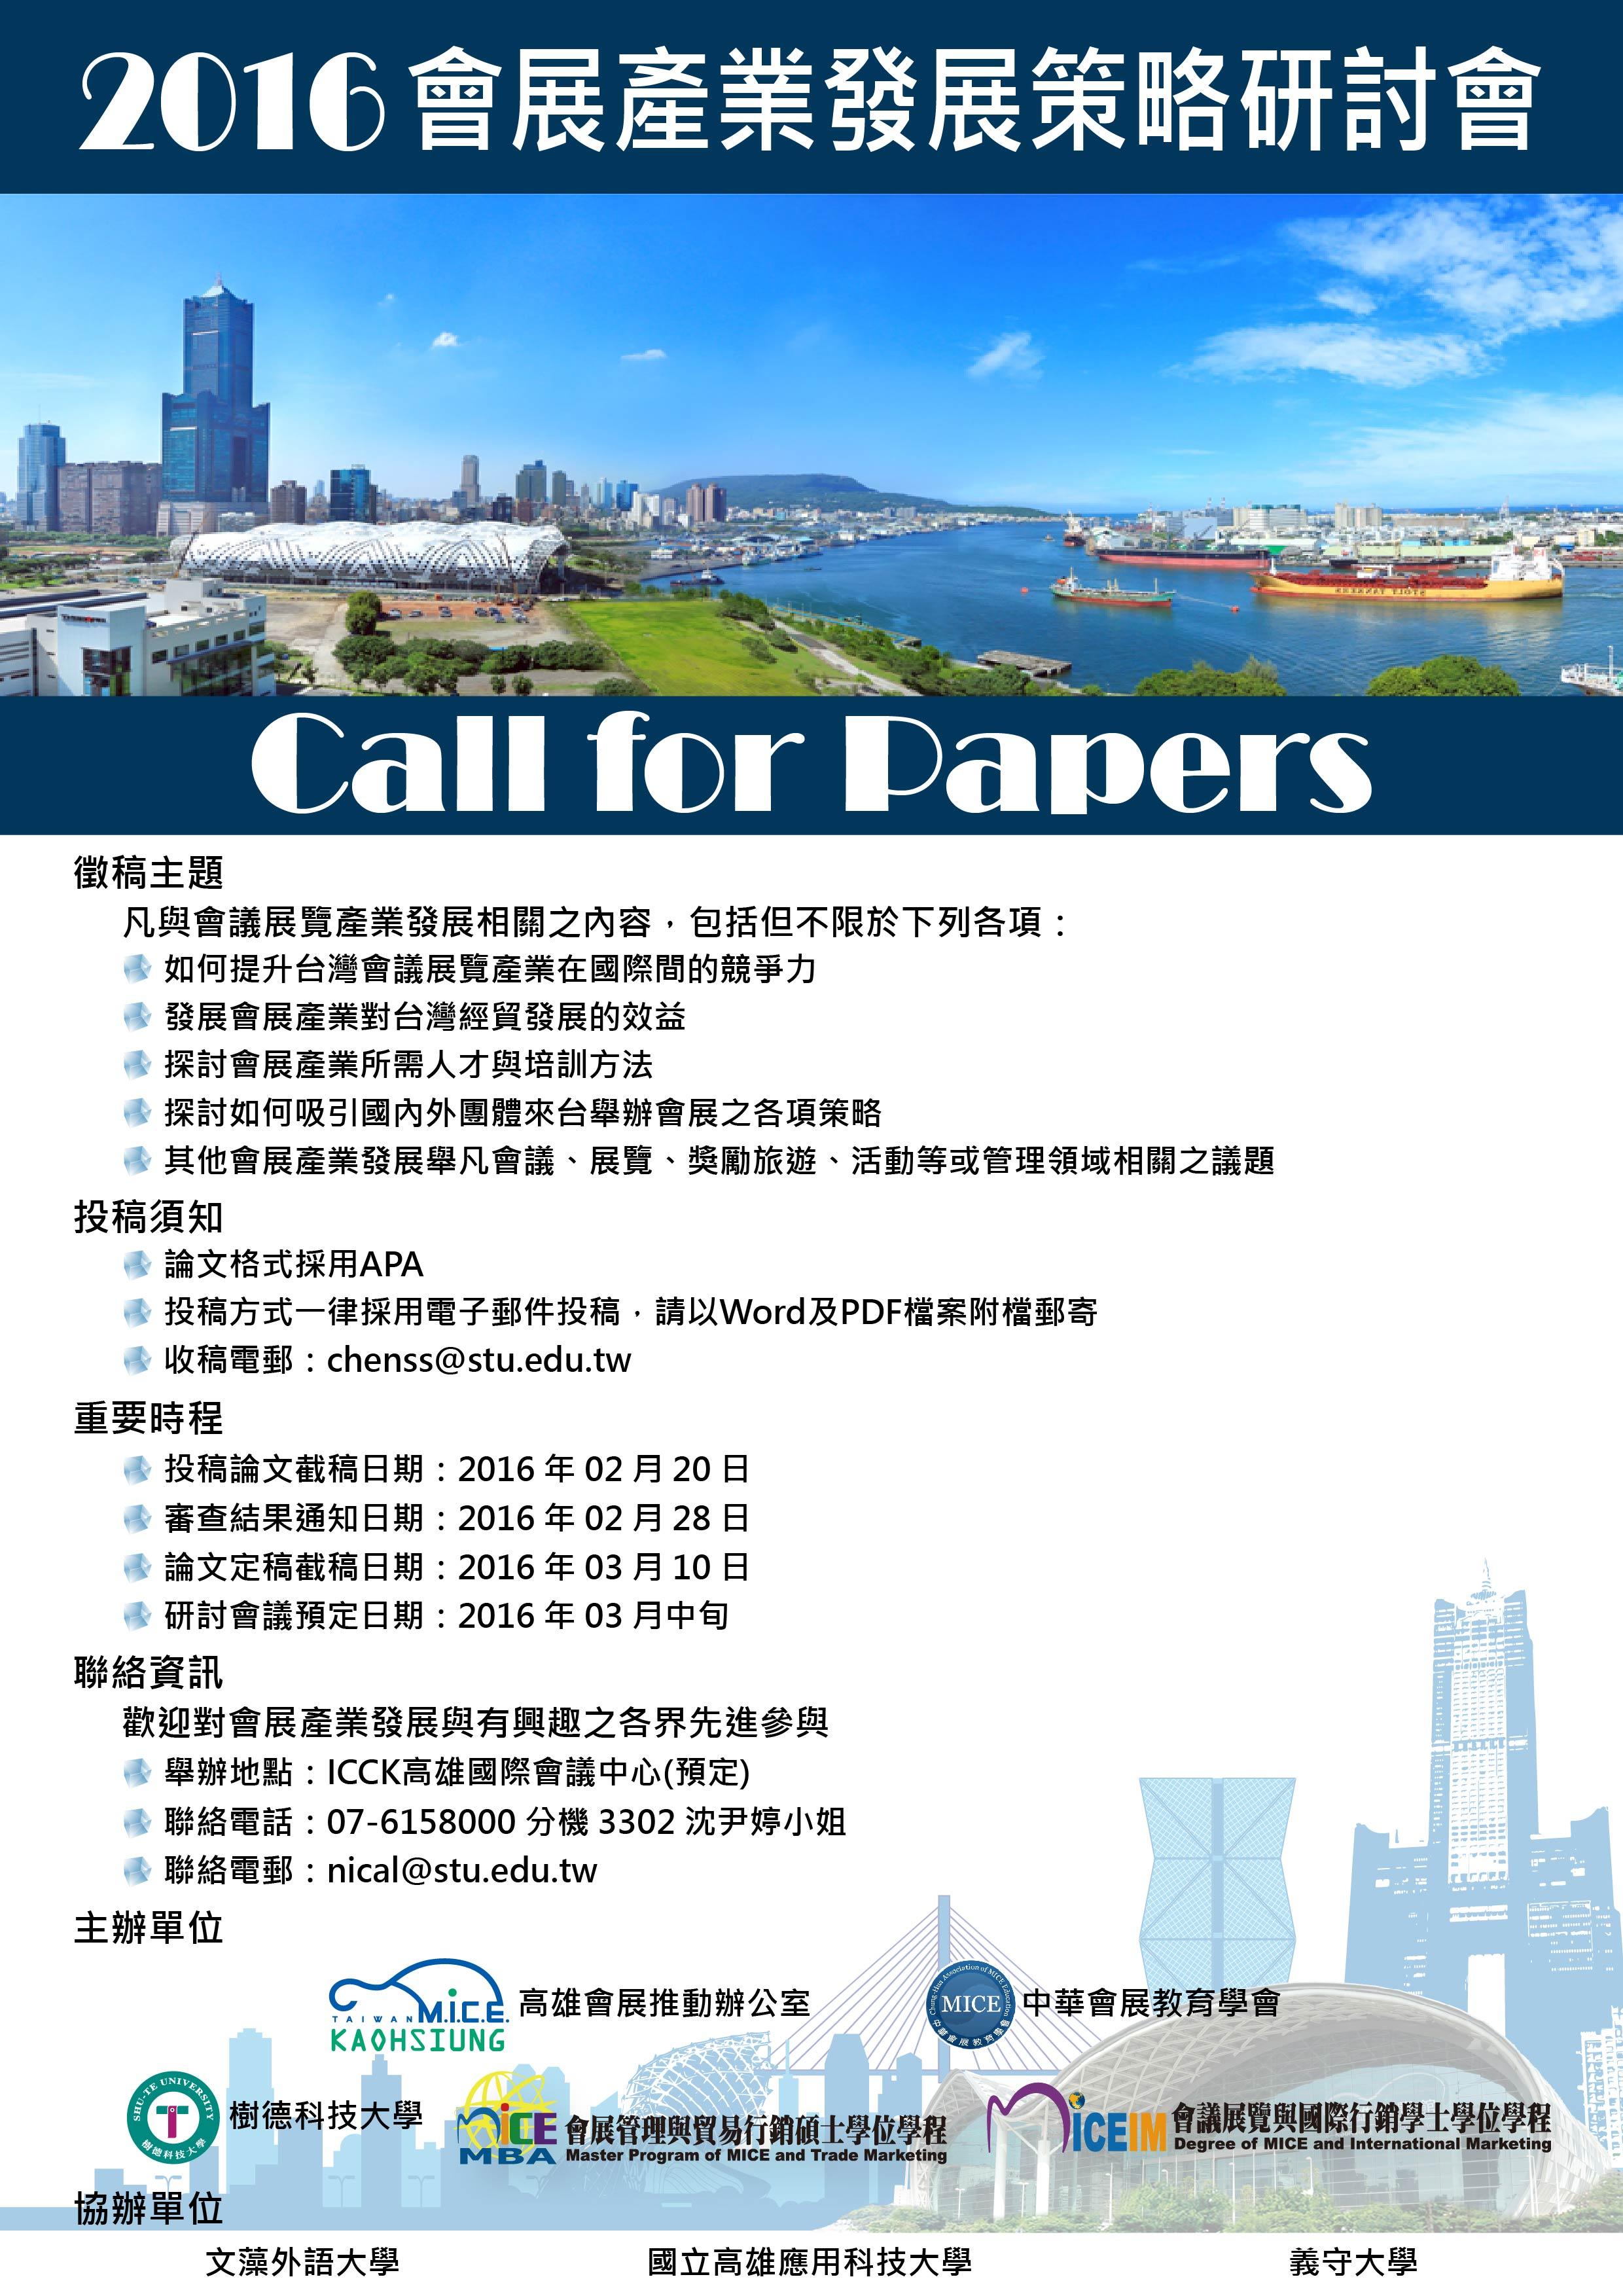 A095Q0000Q0000000_D3C7A969_會展產業發展策略研討會徵稿 (2)